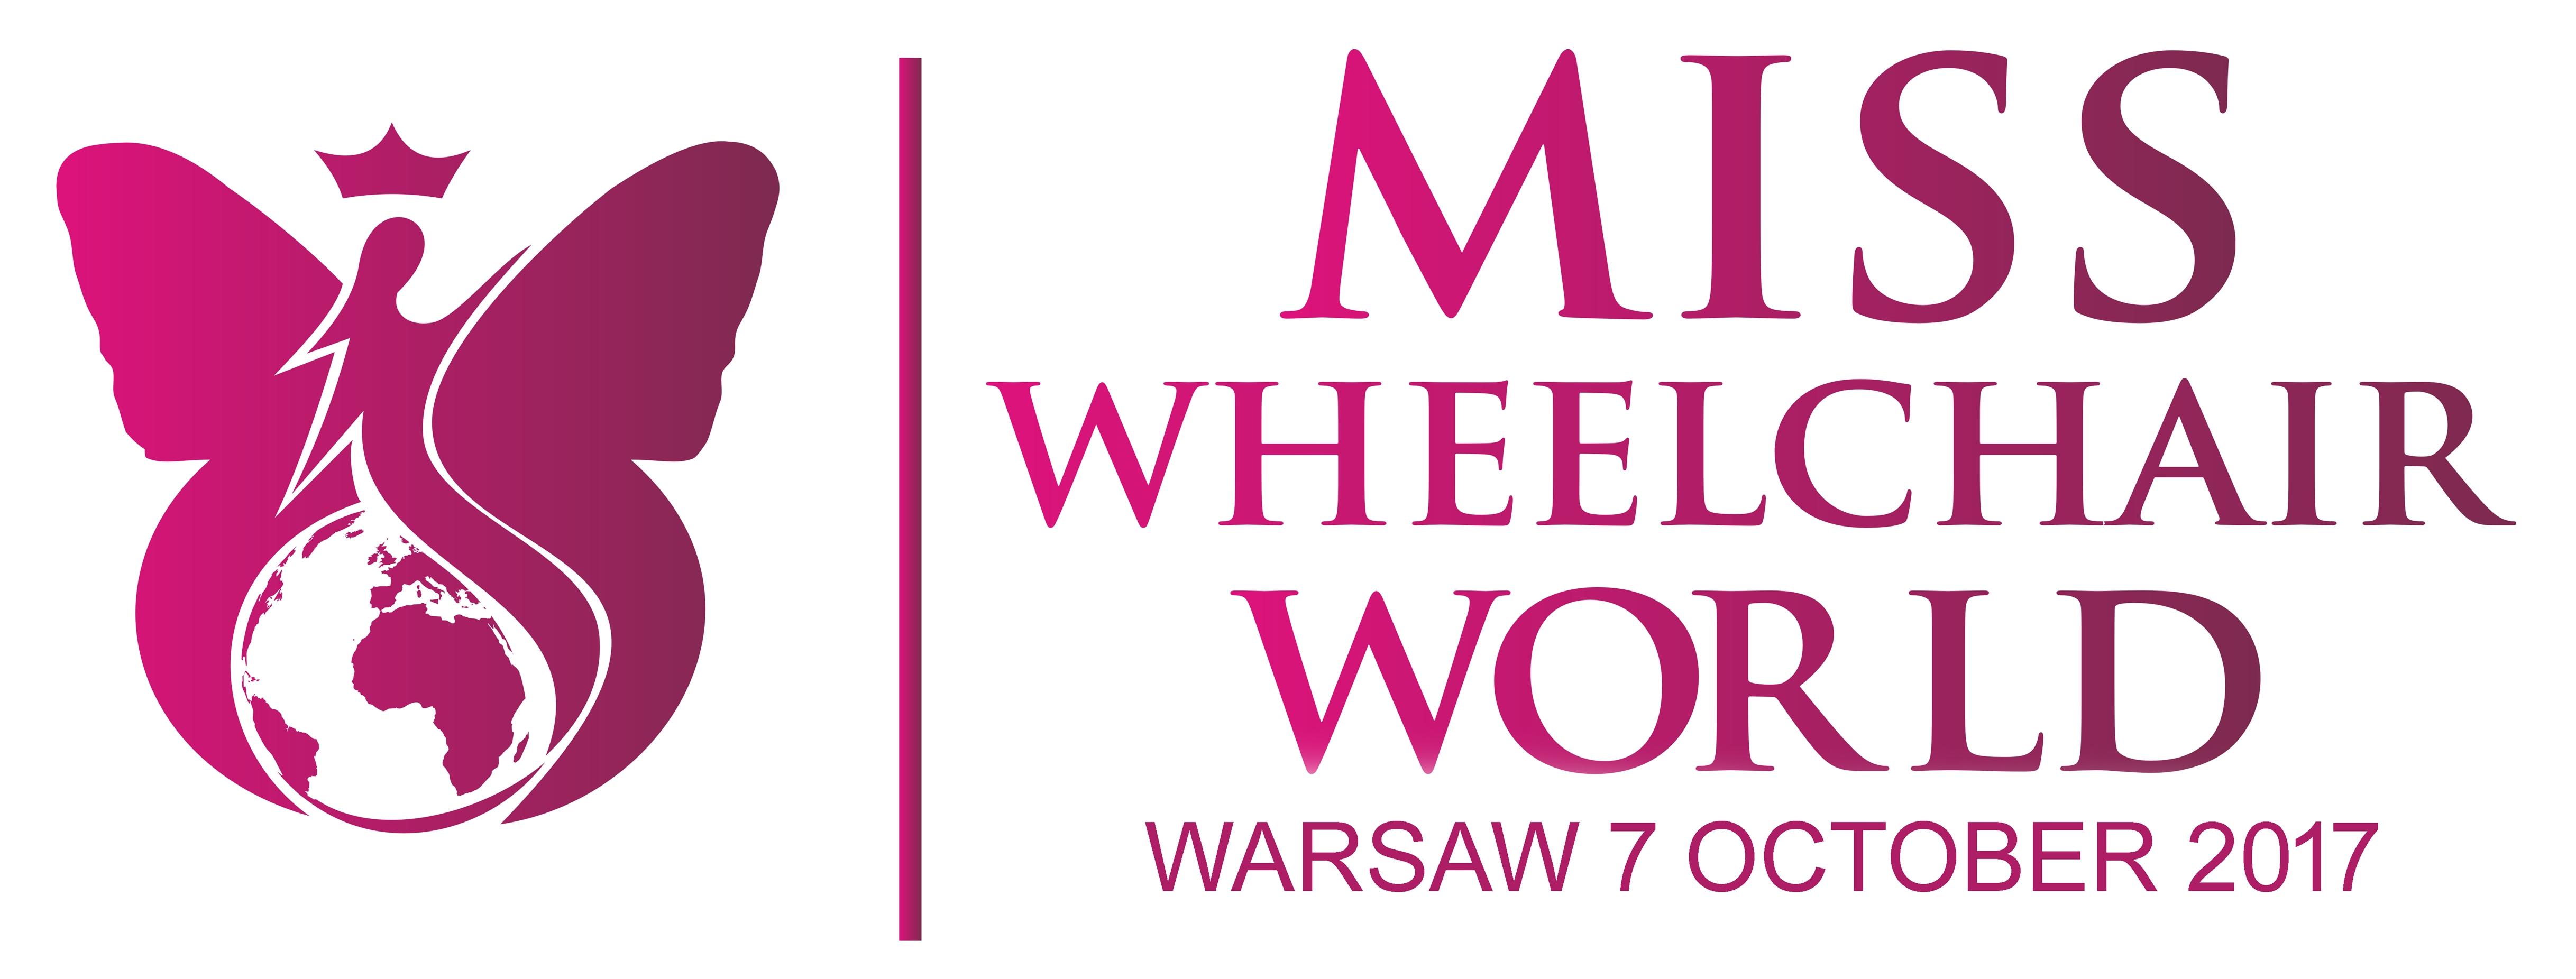 Asystent osoby z niepełnosprawnością podczas wyborów Miss Wheelchair World